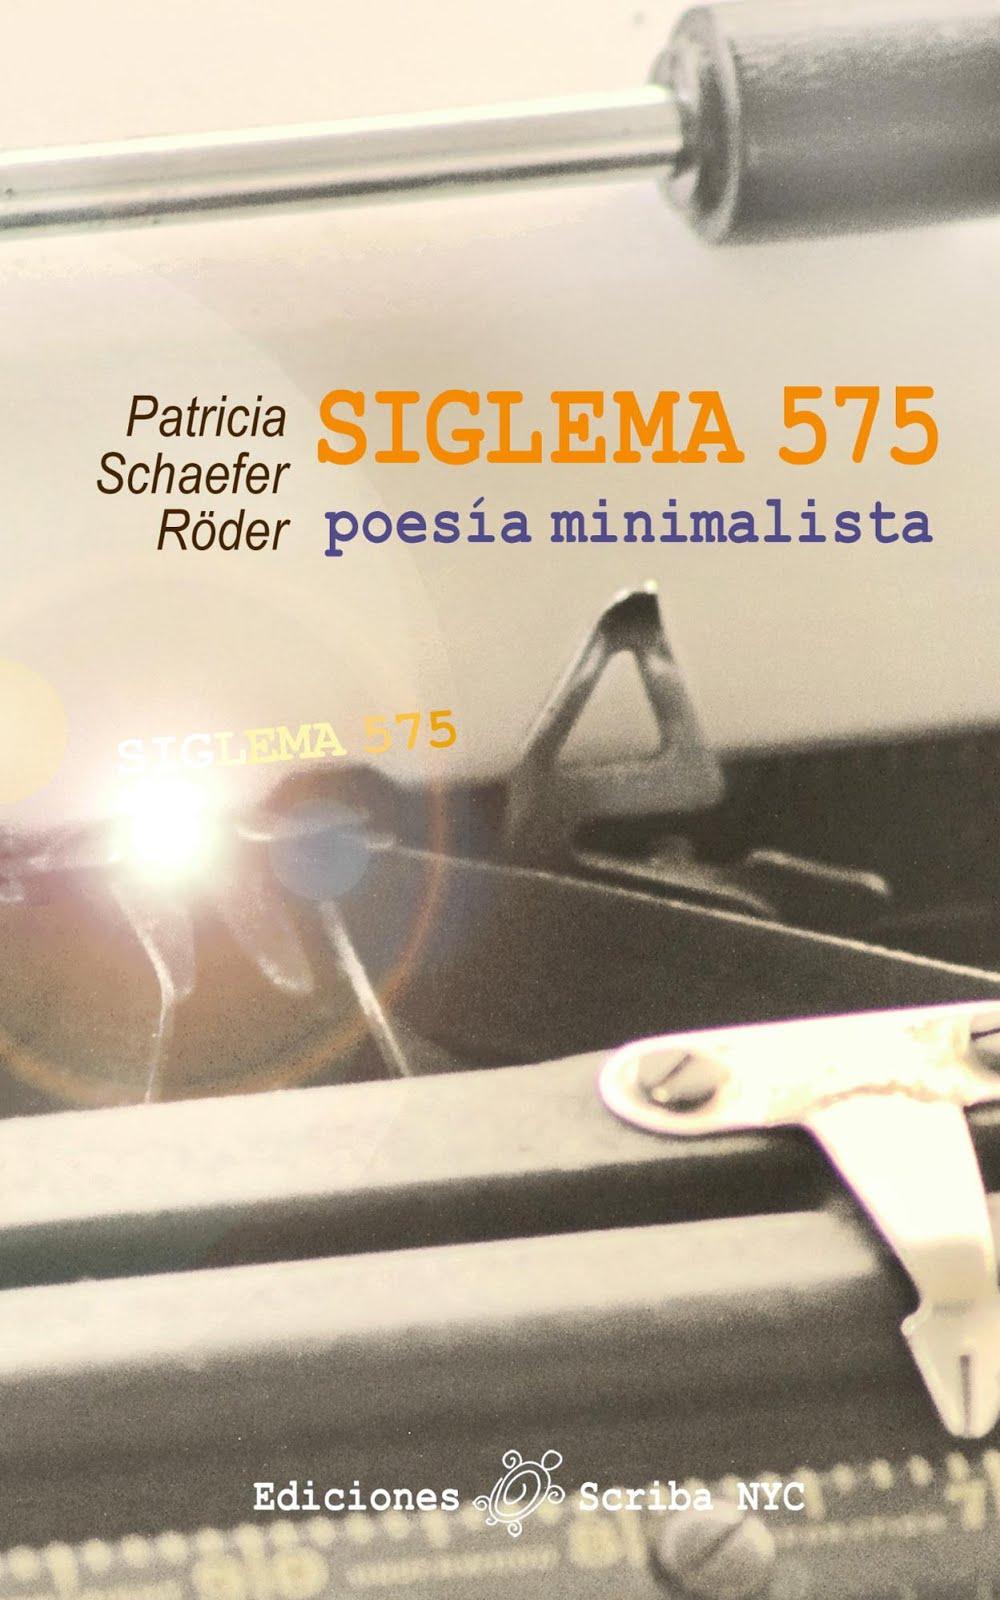 CÓMPRALO AQUÍ: Siglema 575: poesía minimalista